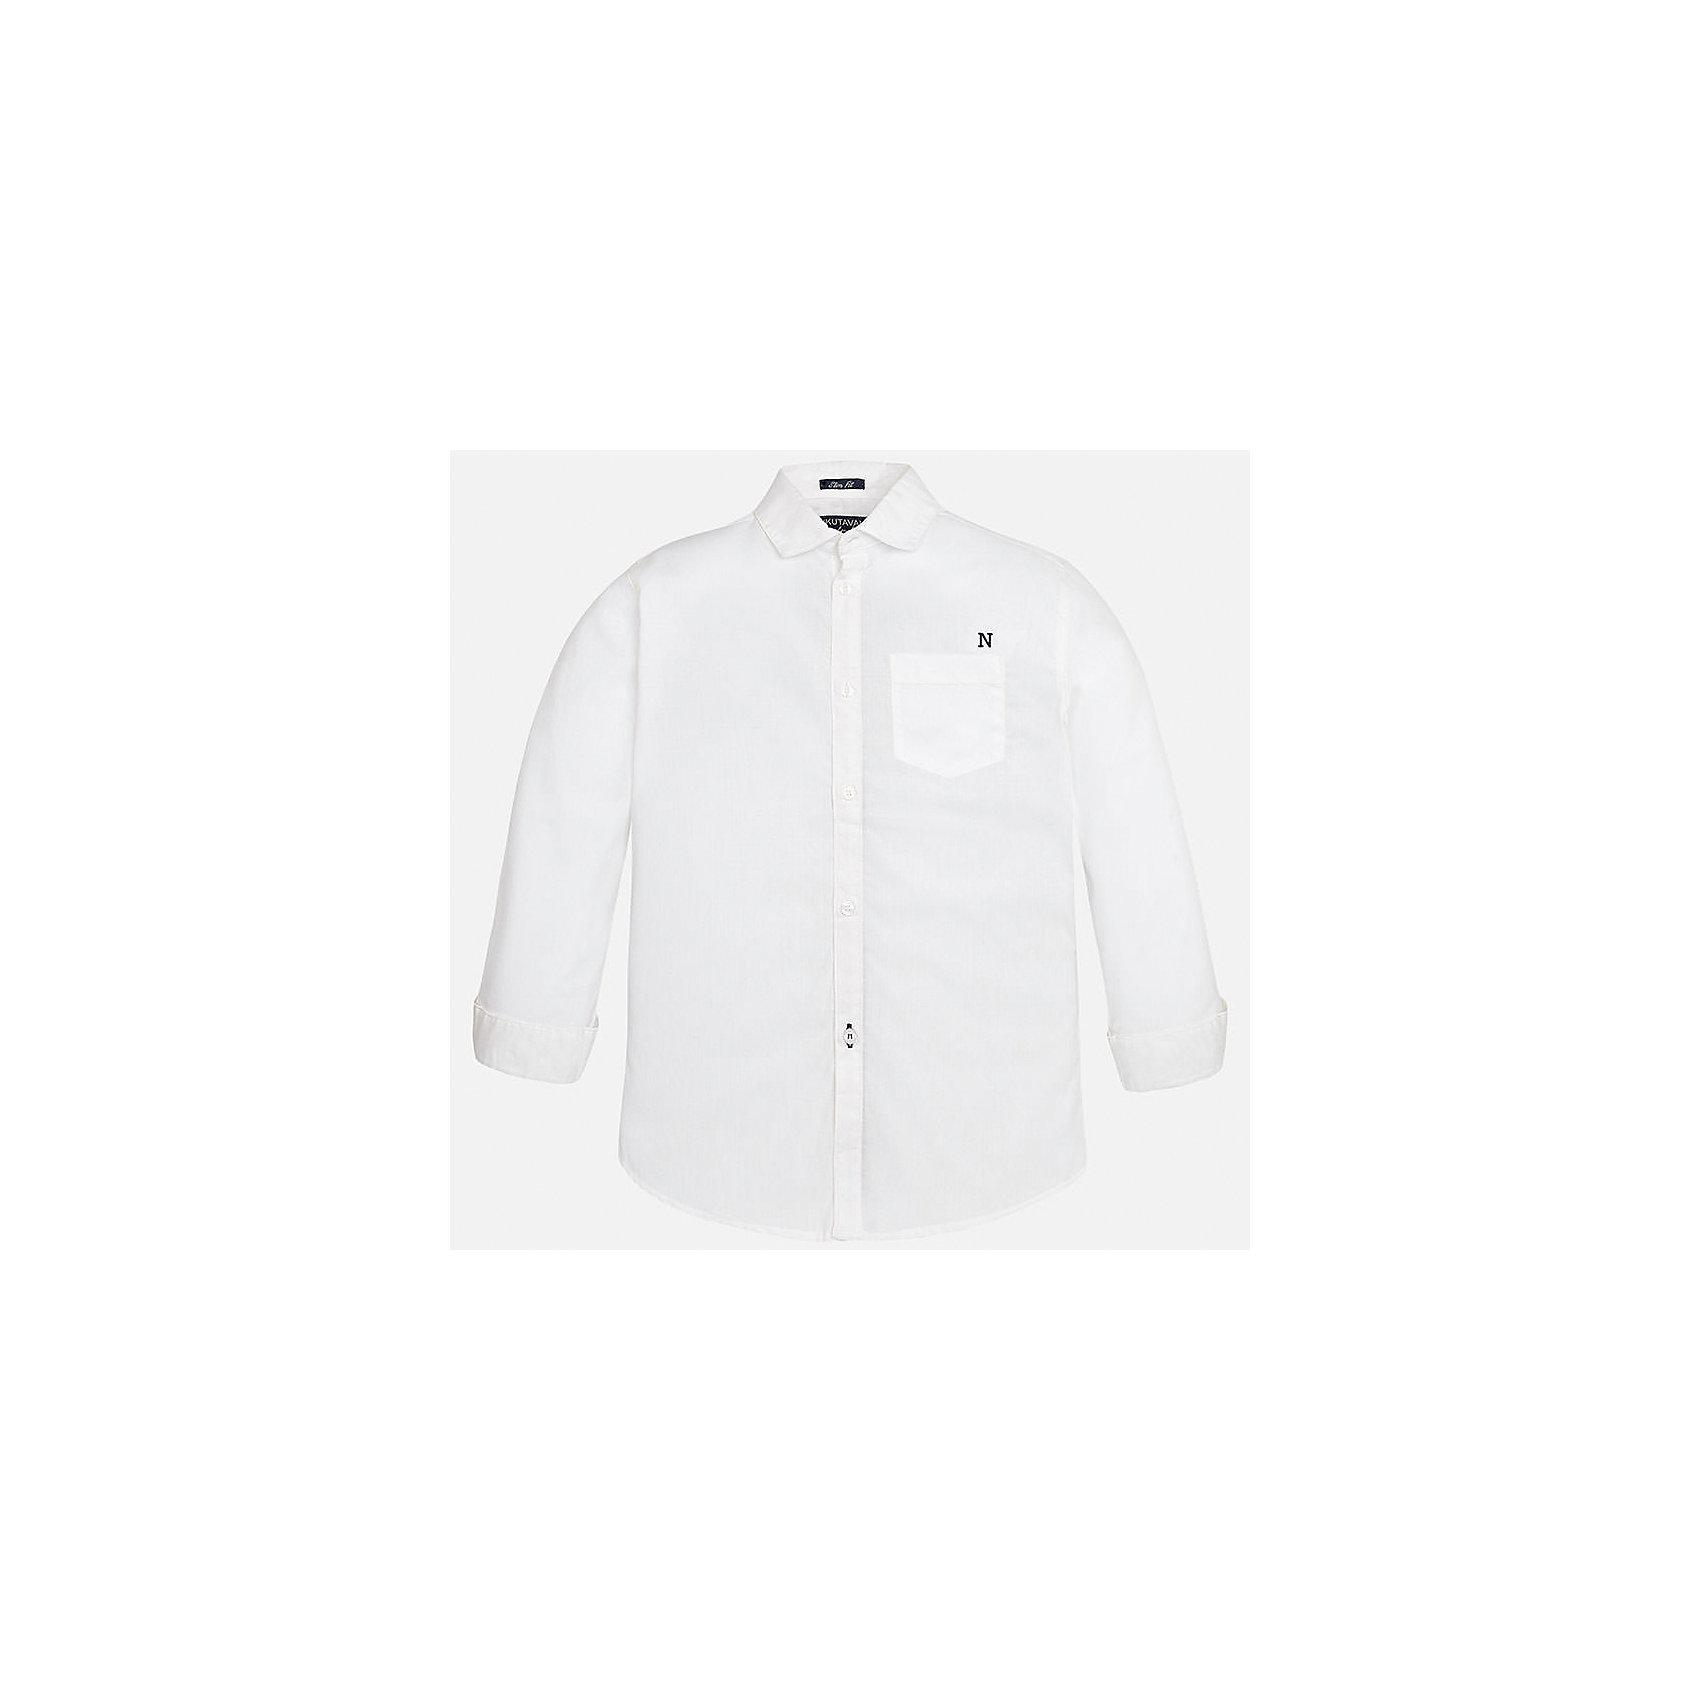 Рубашка для мальчика MayoralБлузки и рубашки<br>Характеристики товара:<br><br>• цвет: белый<br>• состав: 100% хлопок<br>• отложной воротник<br>• декорирована карманом на груди<br>• рукава с отворотами<br>• застежки: пуговицы<br>• страна бренда: Испания<br><br>Модная рубашка поможет разнообразить гардероб мальчика. Она отлично сочетается с брюками, шортами, джинсами. Универсальный крой и цвет позволяет подобрать к вещи низ разных расцветок. Практичное и стильное изделие! Хорошо смотрится и комфортно сидит на детях. В составе материала - только натуральный хлопок, гипоаллергенный, приятный на ощупь, дышащий. <br><br>Одежда, обувь и аксессуары от испанского бренда Mayoral полюбились детям и взрослым по всему миру. Модели этой марки - стильные и удобные. Для их производства используются только безопасные, качественные материалы и фурнитура. Порадуйте ребенка модными и красивыми вещами от Mayoral! <br><br>Рубашку для мальчика от испанского бренда Mayoral (Майорал) можно купить в нашем интернет-магазине.<br><br>Ширина мм: 174<br>Глубина мм: 10<br>Высота мм: 169<br>Вес г: 157<br>Цвет: белый<br>Возраст от месяцев: 156<br>Возраст до месяцев: 168<br>Пол: Мужской<br>Возраст: Детский<br>Размер: 170,128/134,158,164,152,140<br>SKU: 5281652